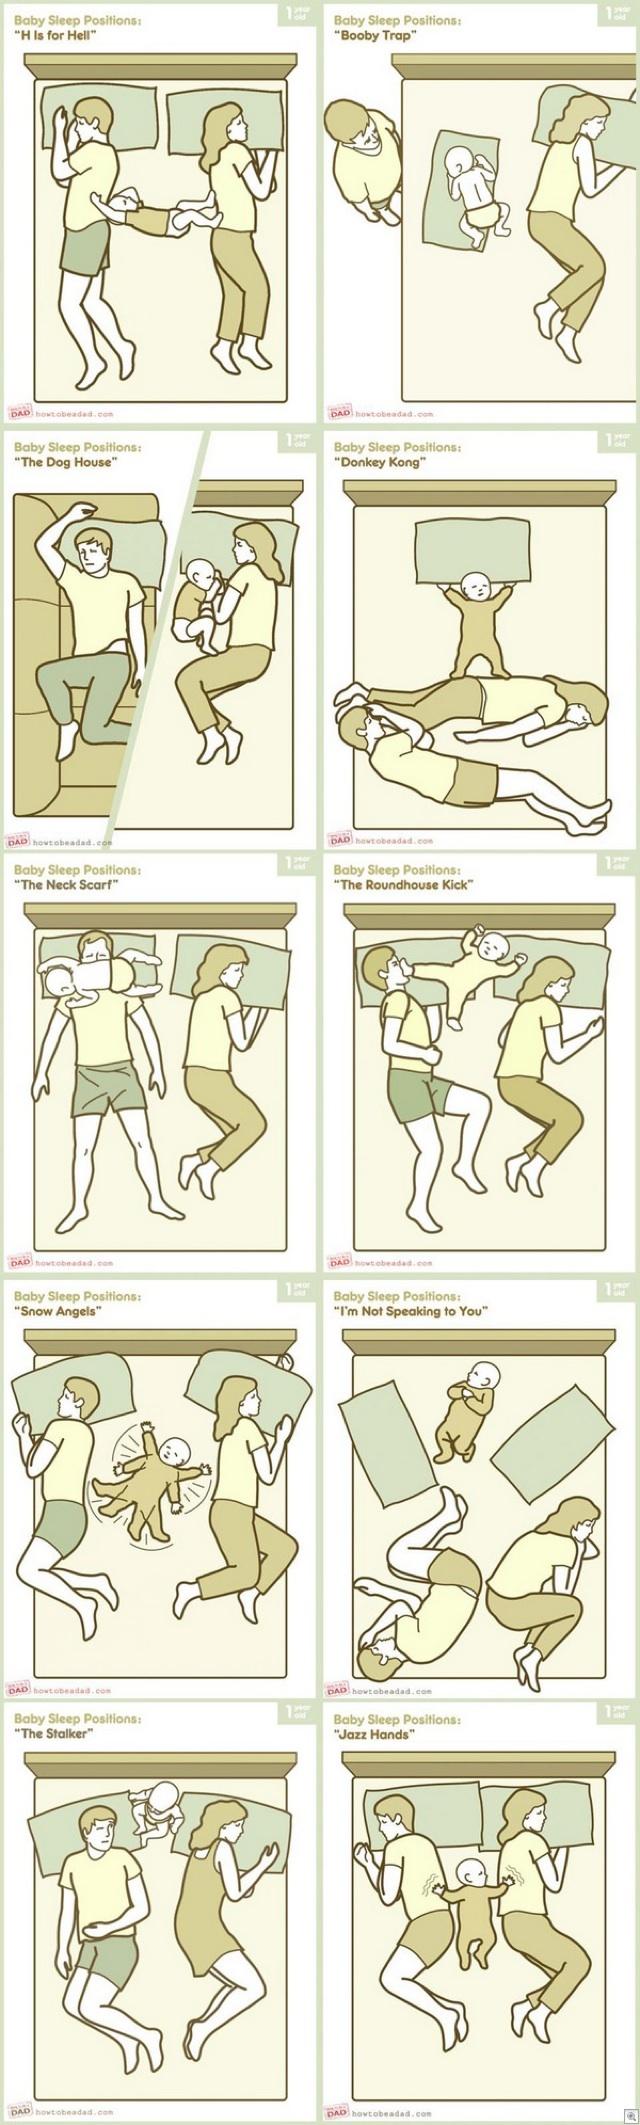 baby-sleep-positions